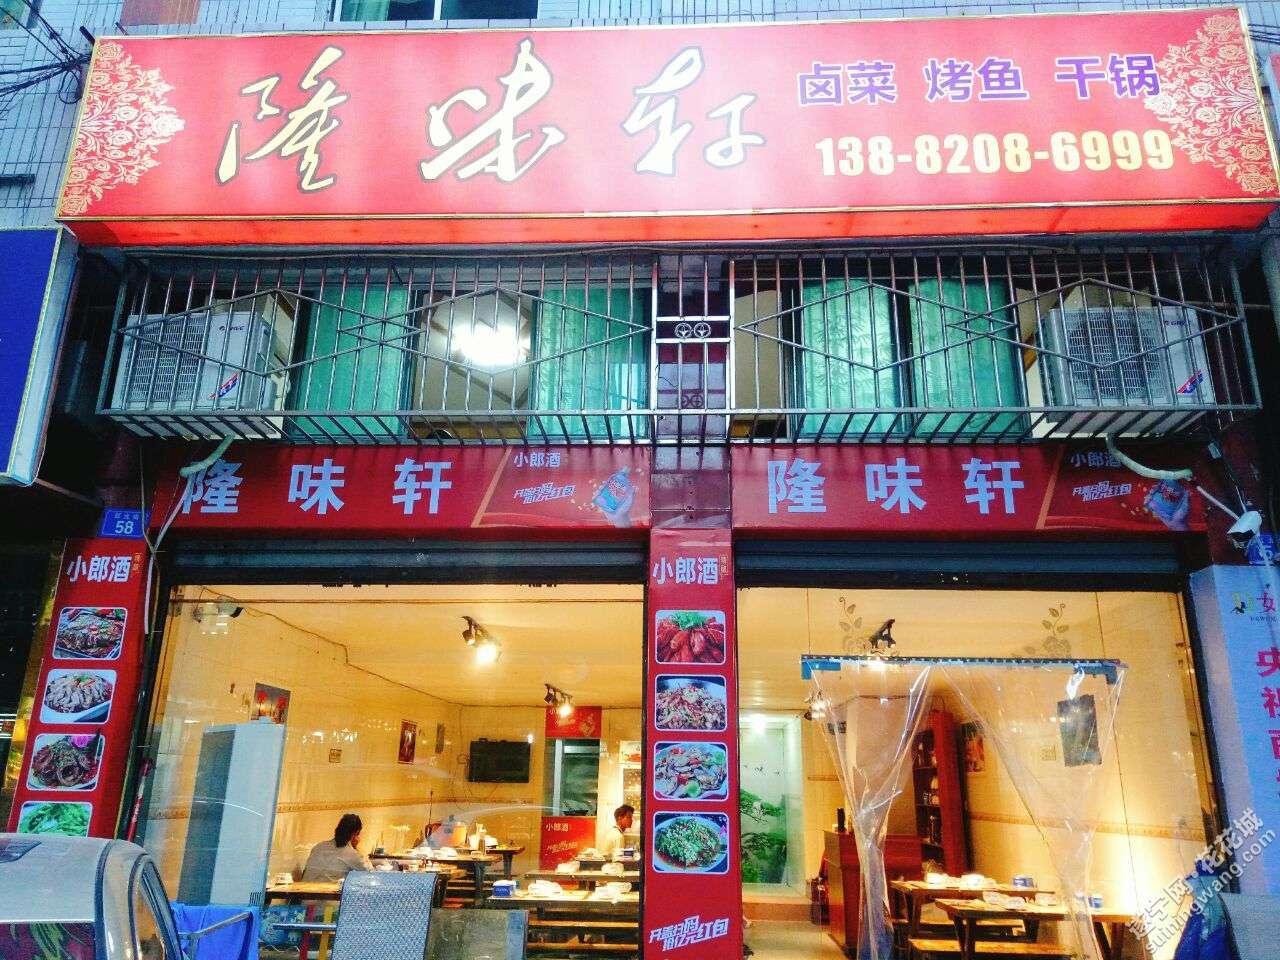 这家店今天要搞大事情,烤鱼、龙虾、卤菜夏